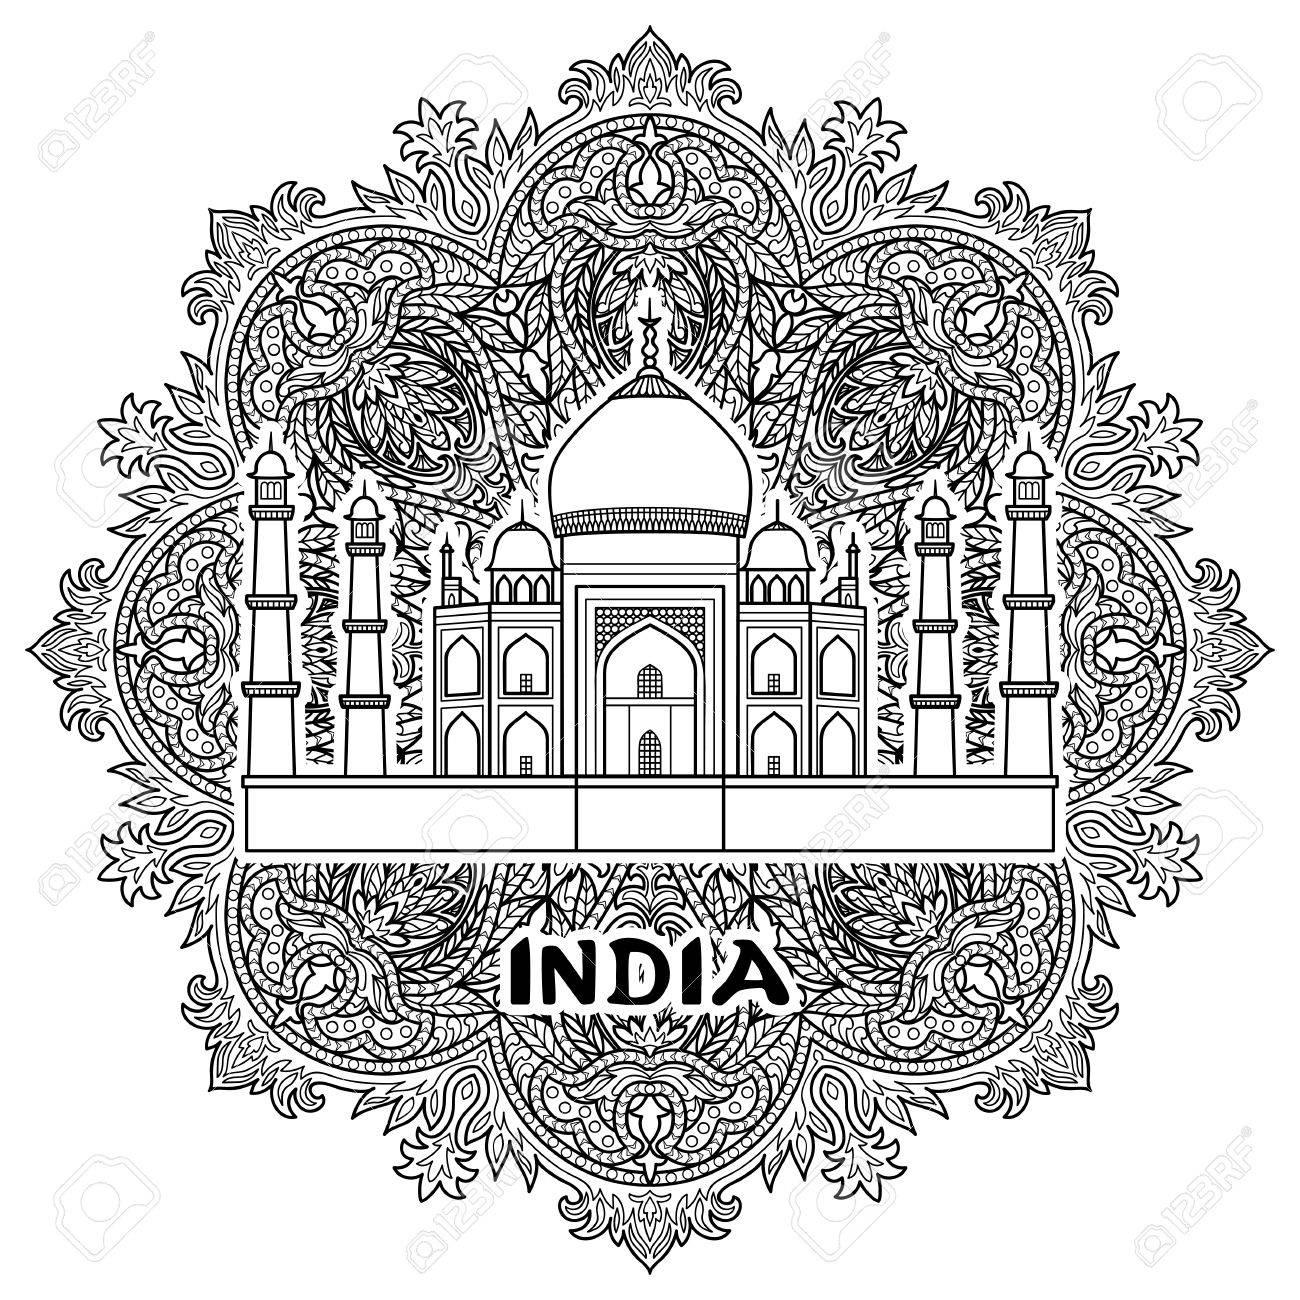 Fein Taj Mahal Ausmalbilder Zeitgenössisch - Beispielzusammenfassung ...